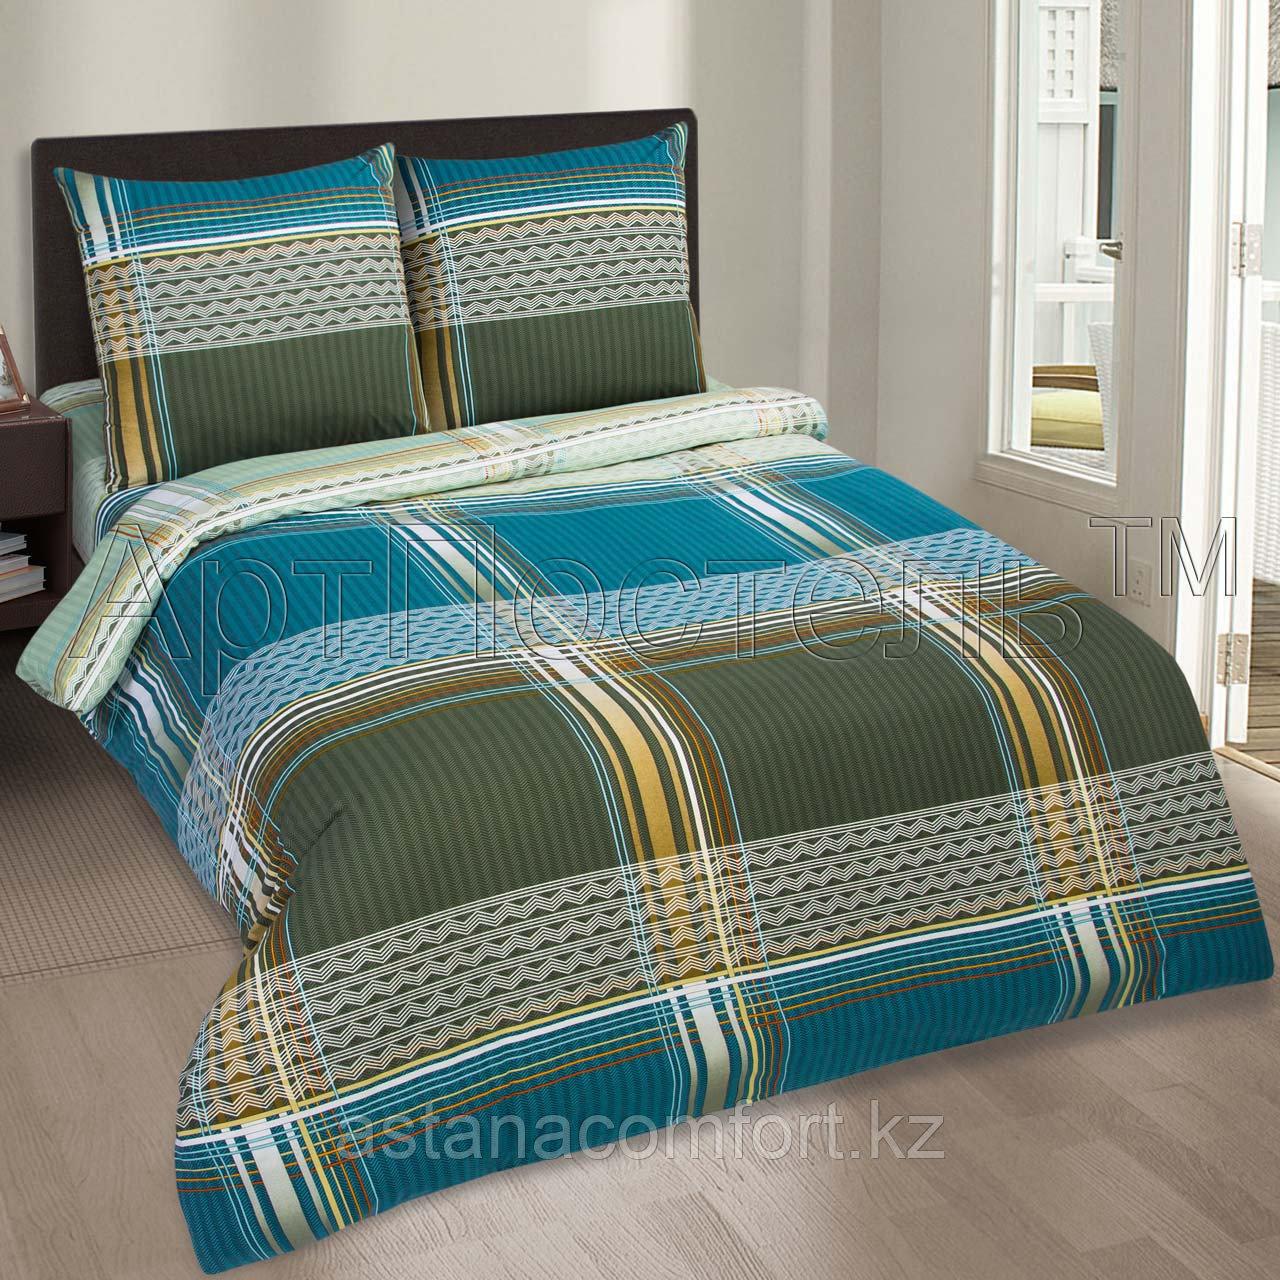 """Комплект постельного белья из поплина """"Авеню"""". Евро - размер, простынь на резинке."""